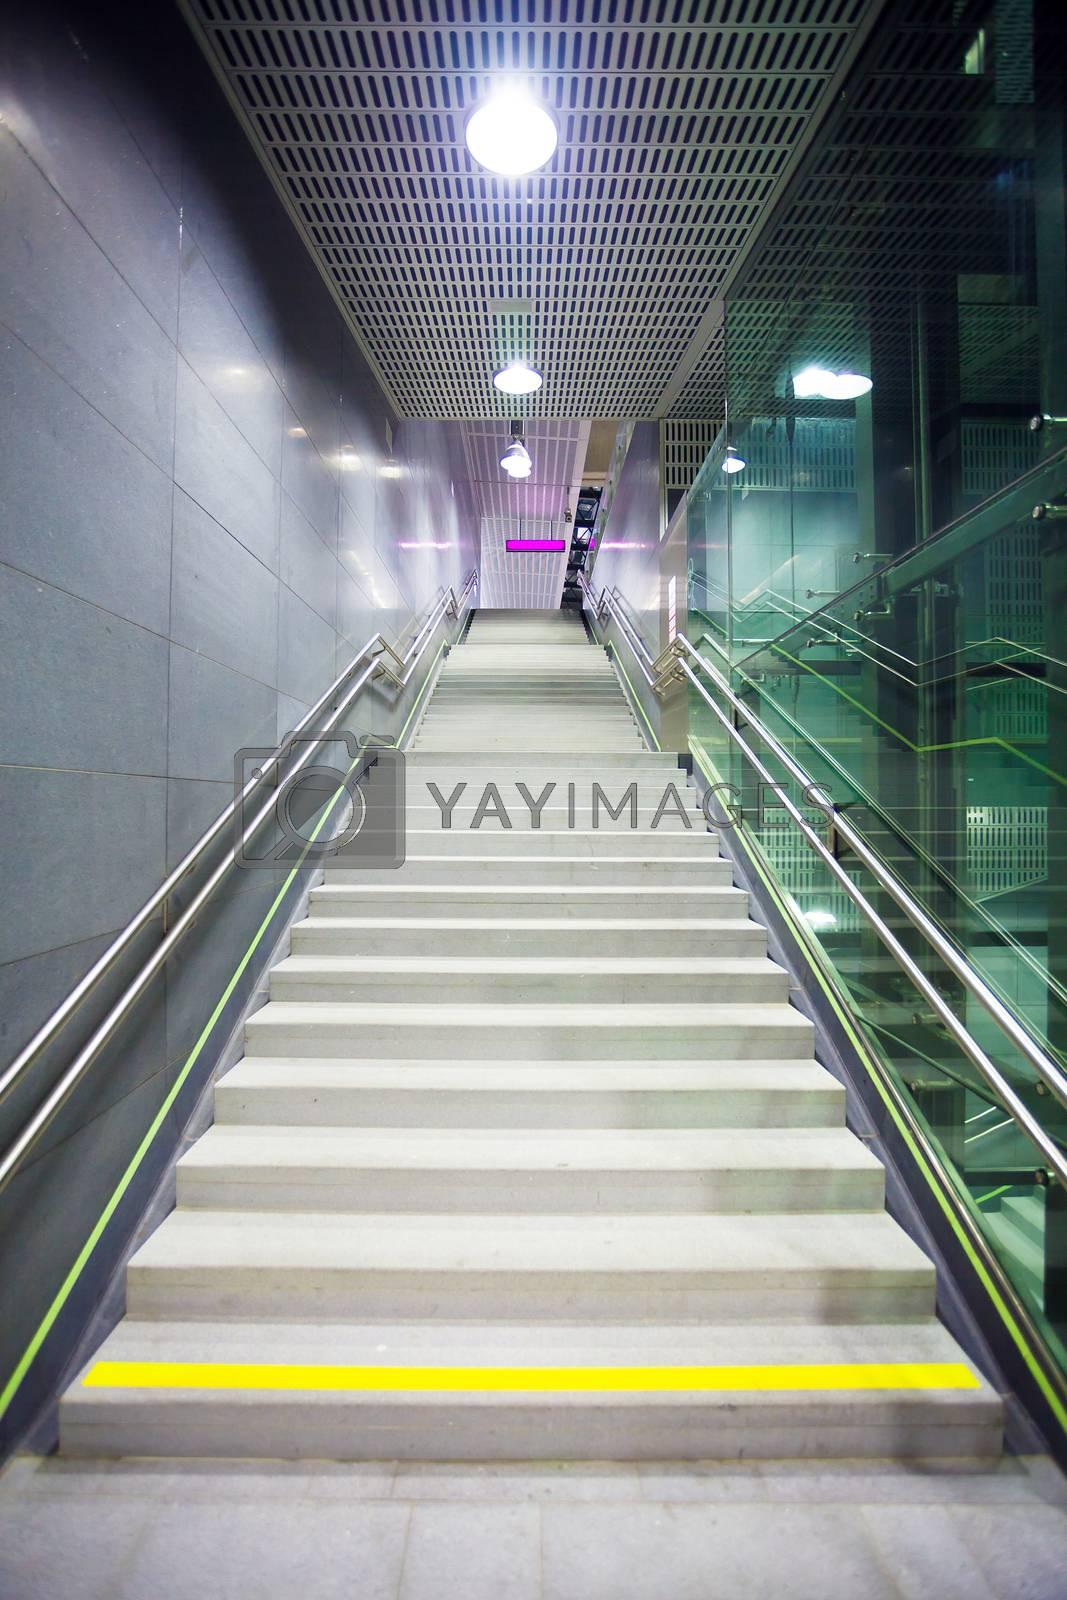 Staircase inside a public metro statio by PixAchi